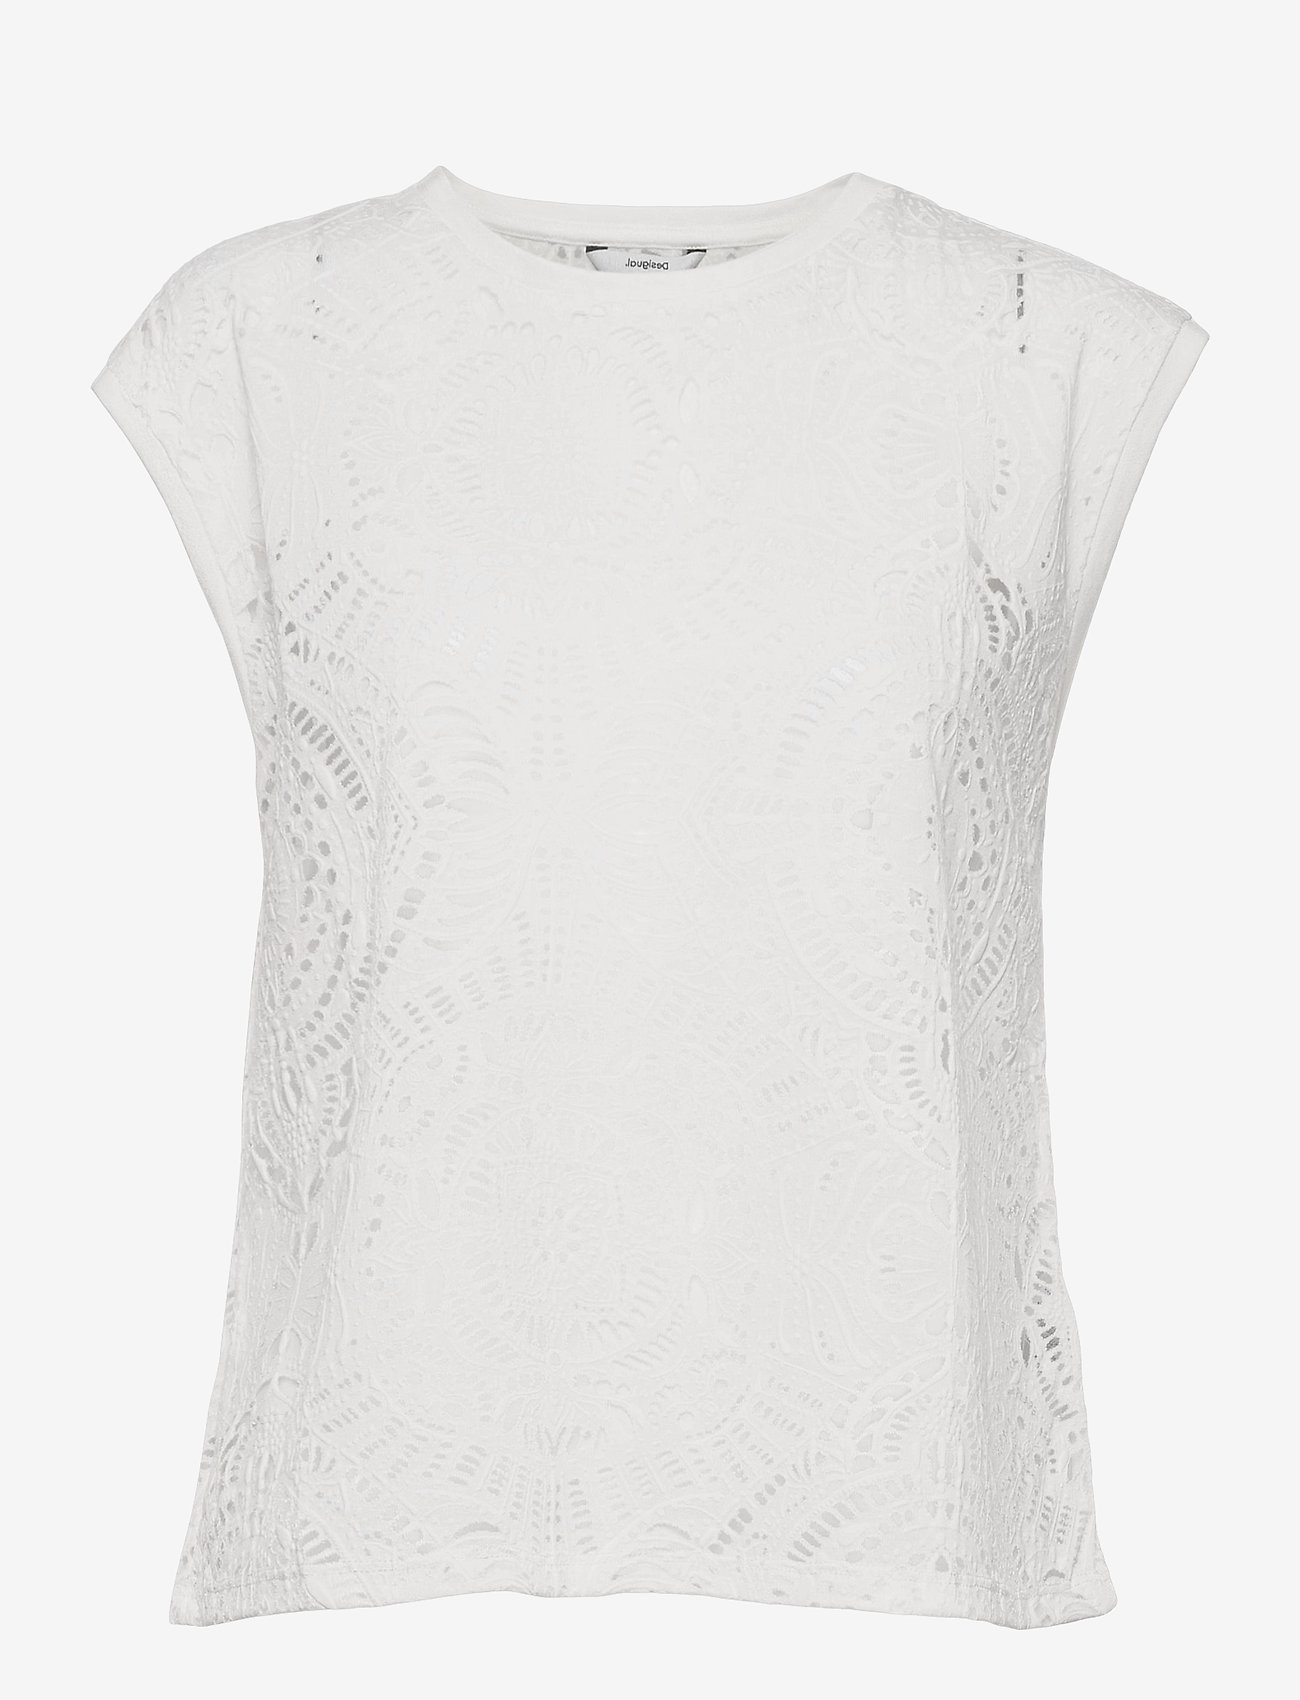 Desigual - TS NILO - t-shirts - blanco - 0